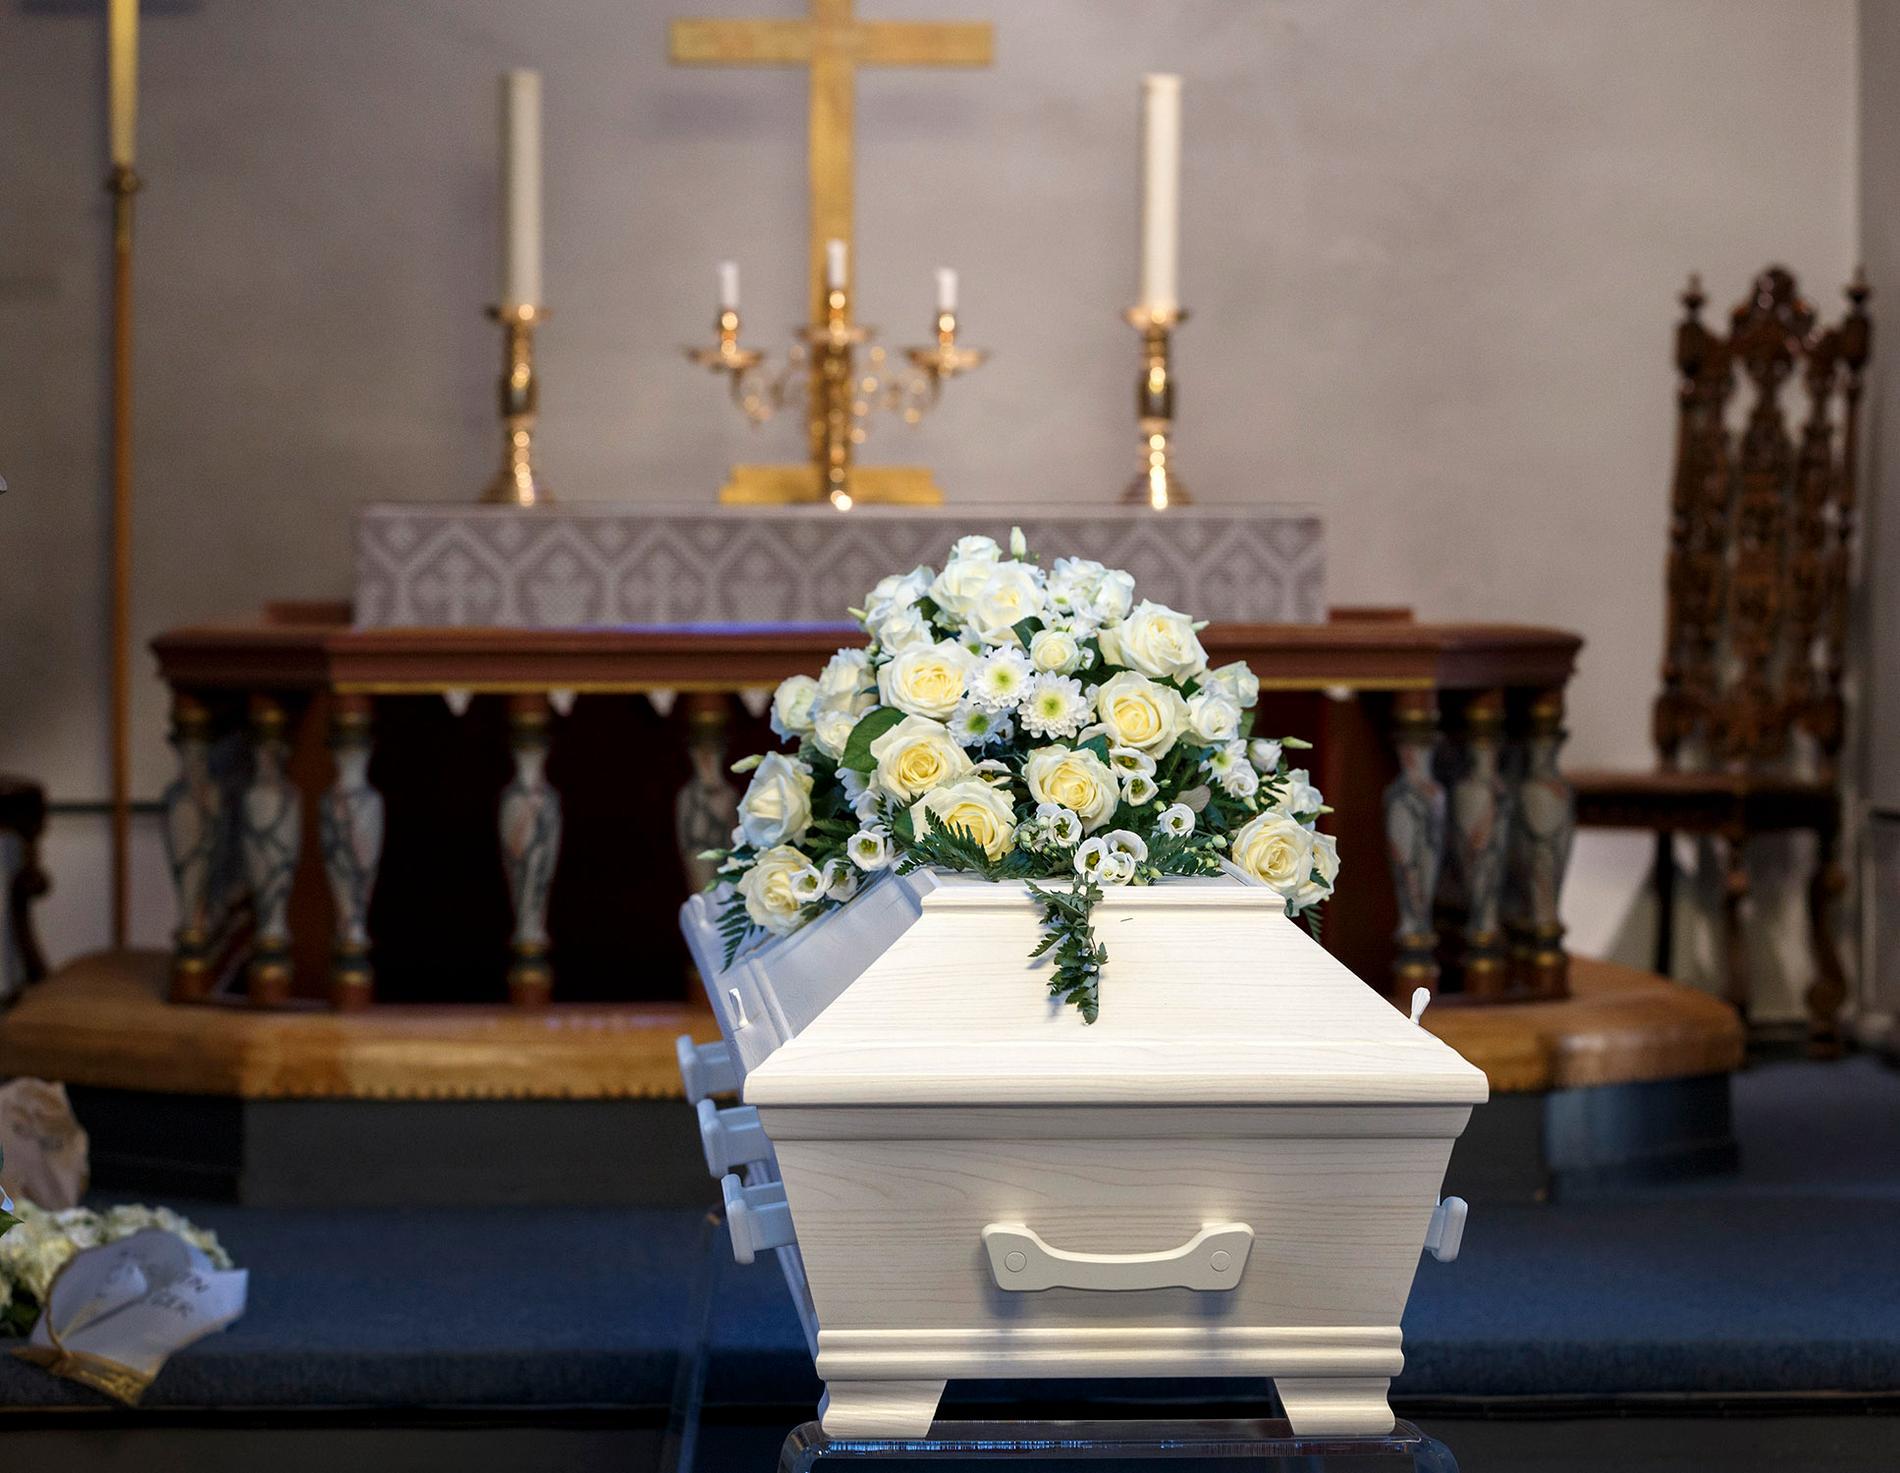 I dag får snart var tionde svensk ingen begravningsceremoni.